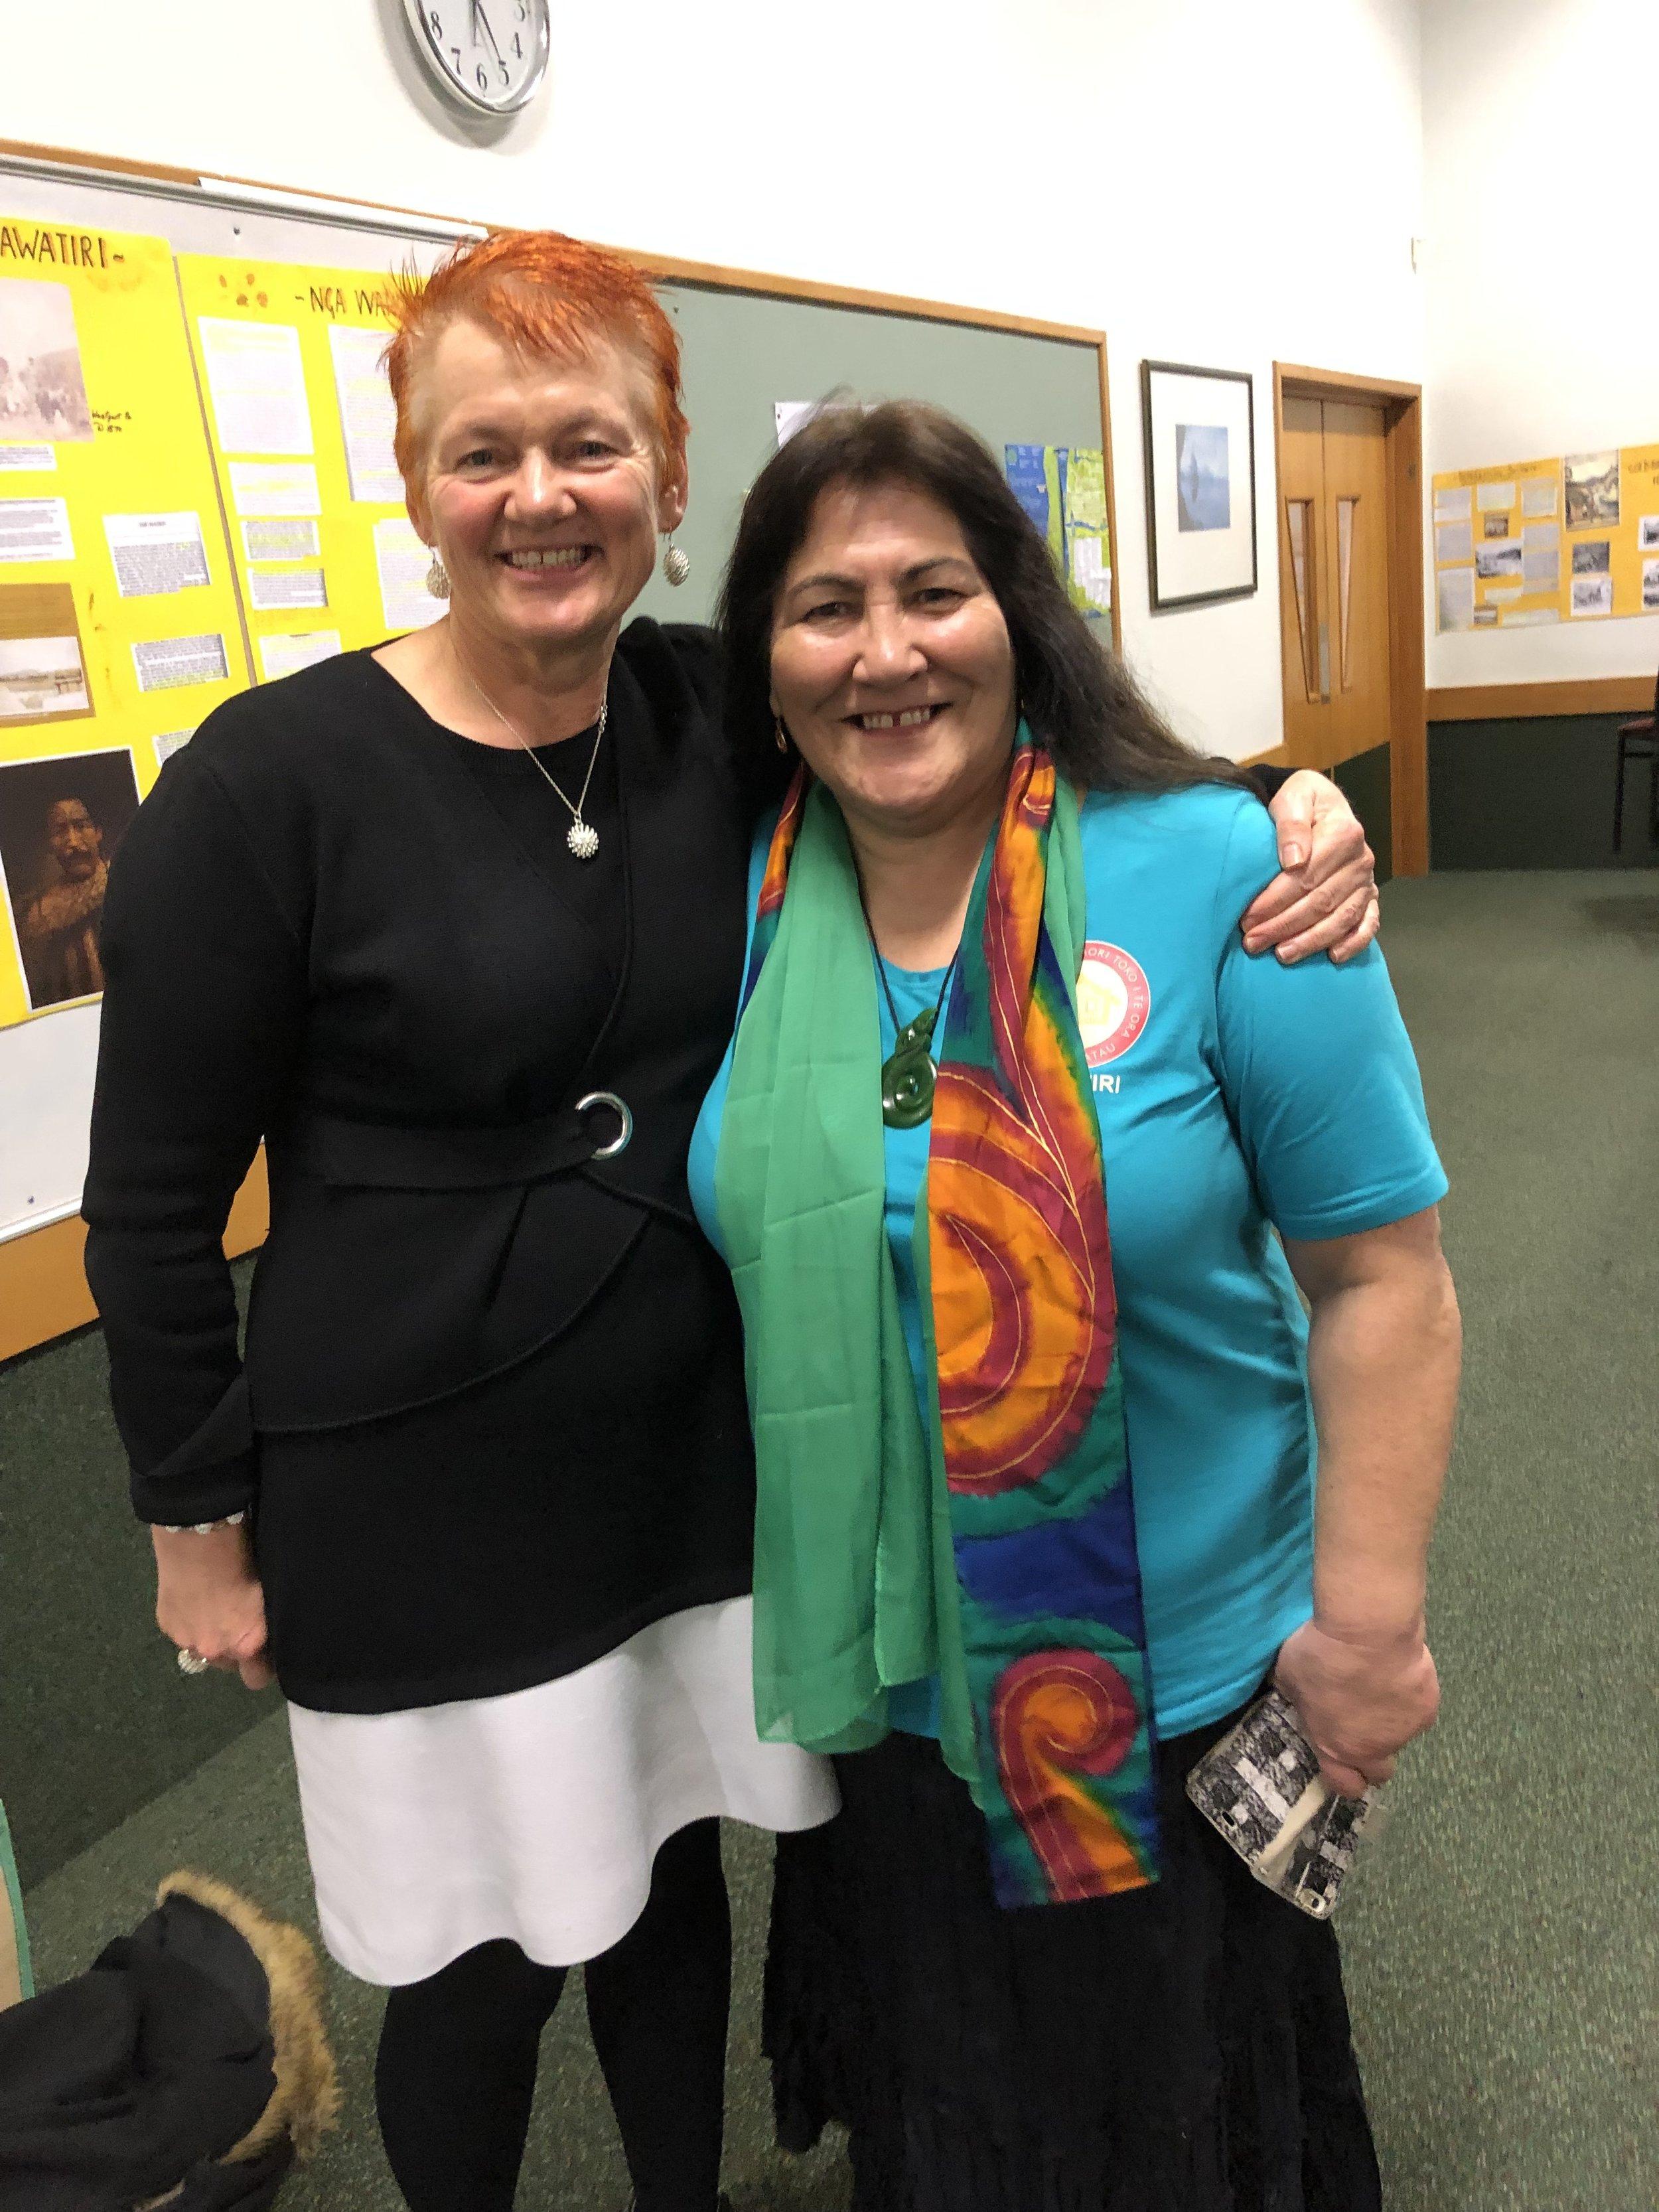 With Kawatiri President, Sharon Arohanui Marsh